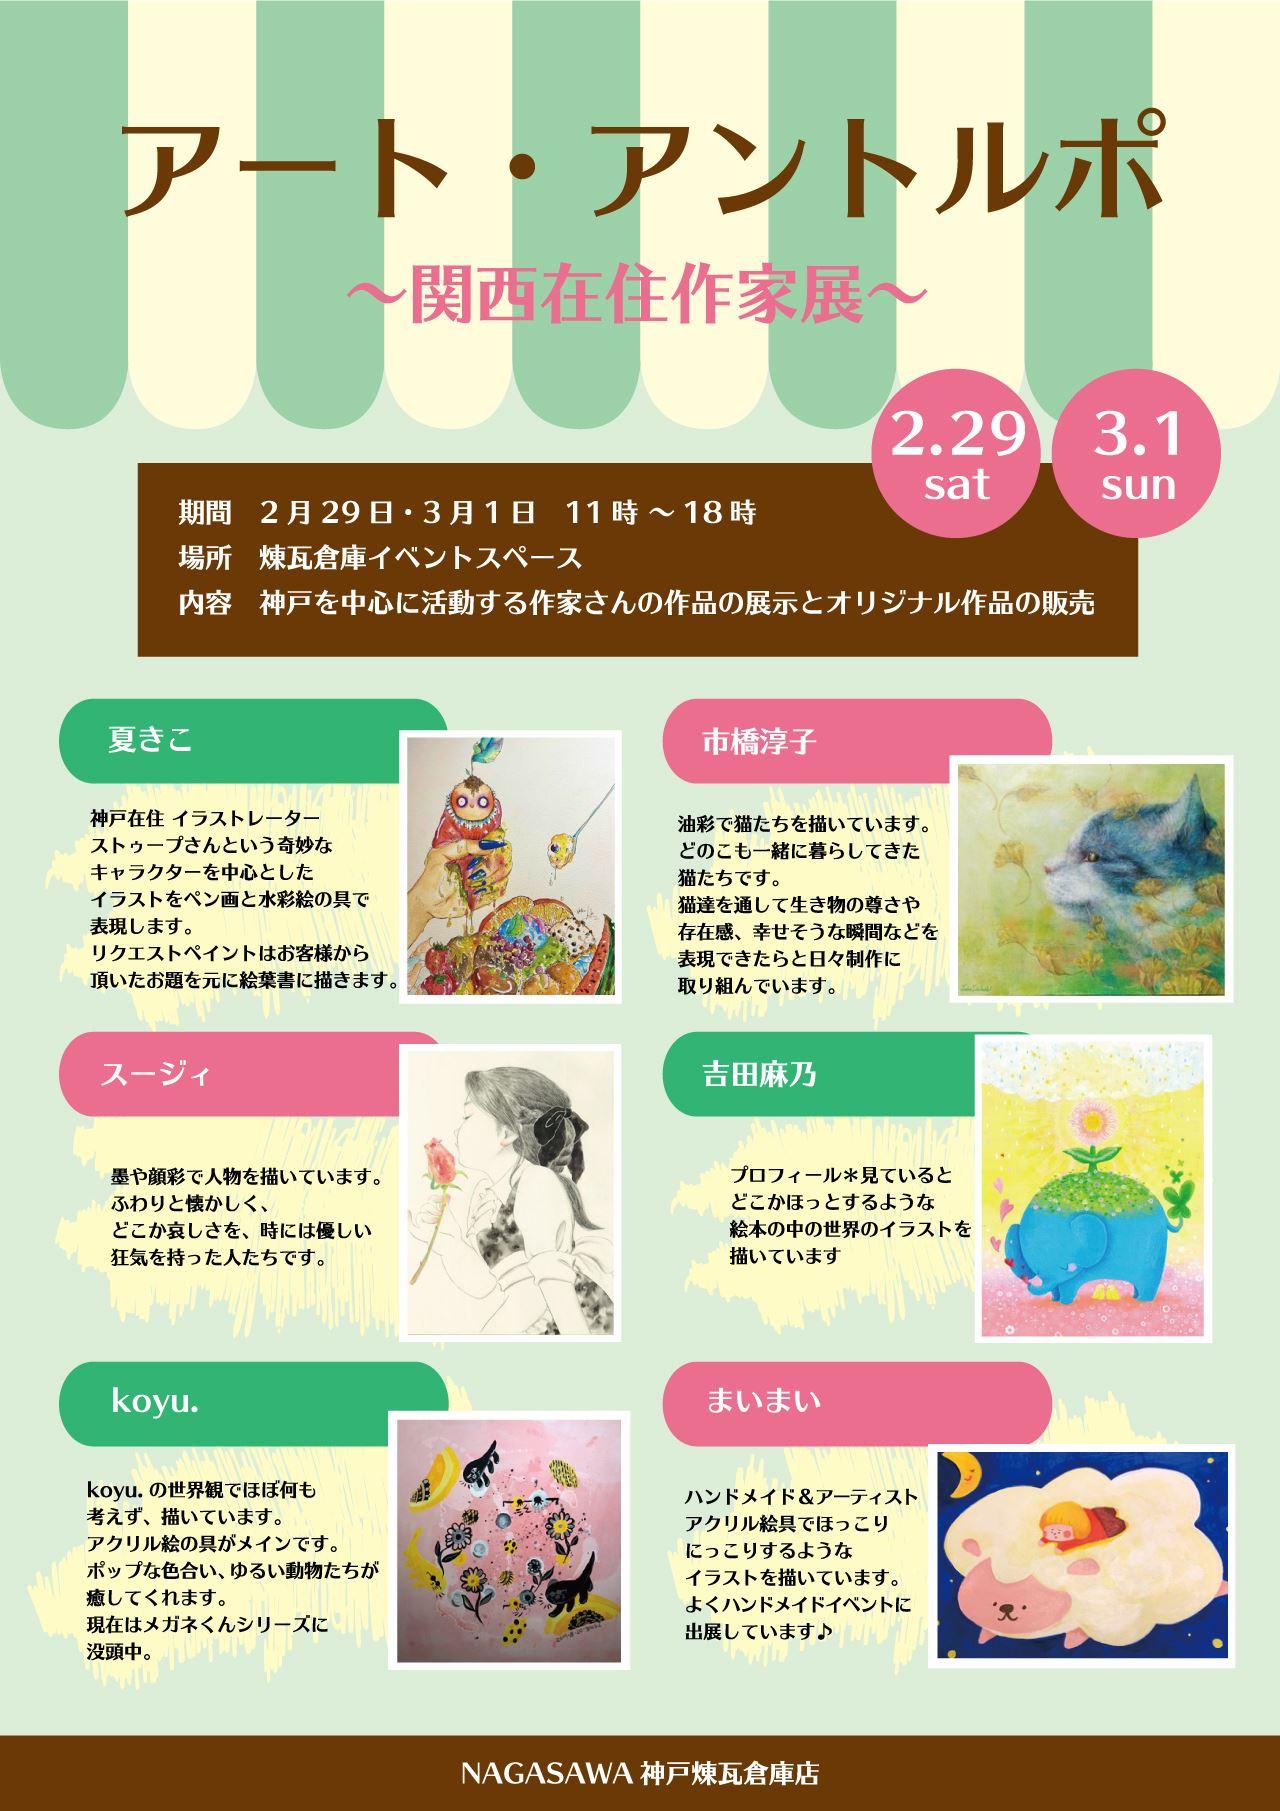 【神戸煉瓦倉庫店】神戸を中心に活動する人気作家さんの作品展示&販売会&ワークショップ